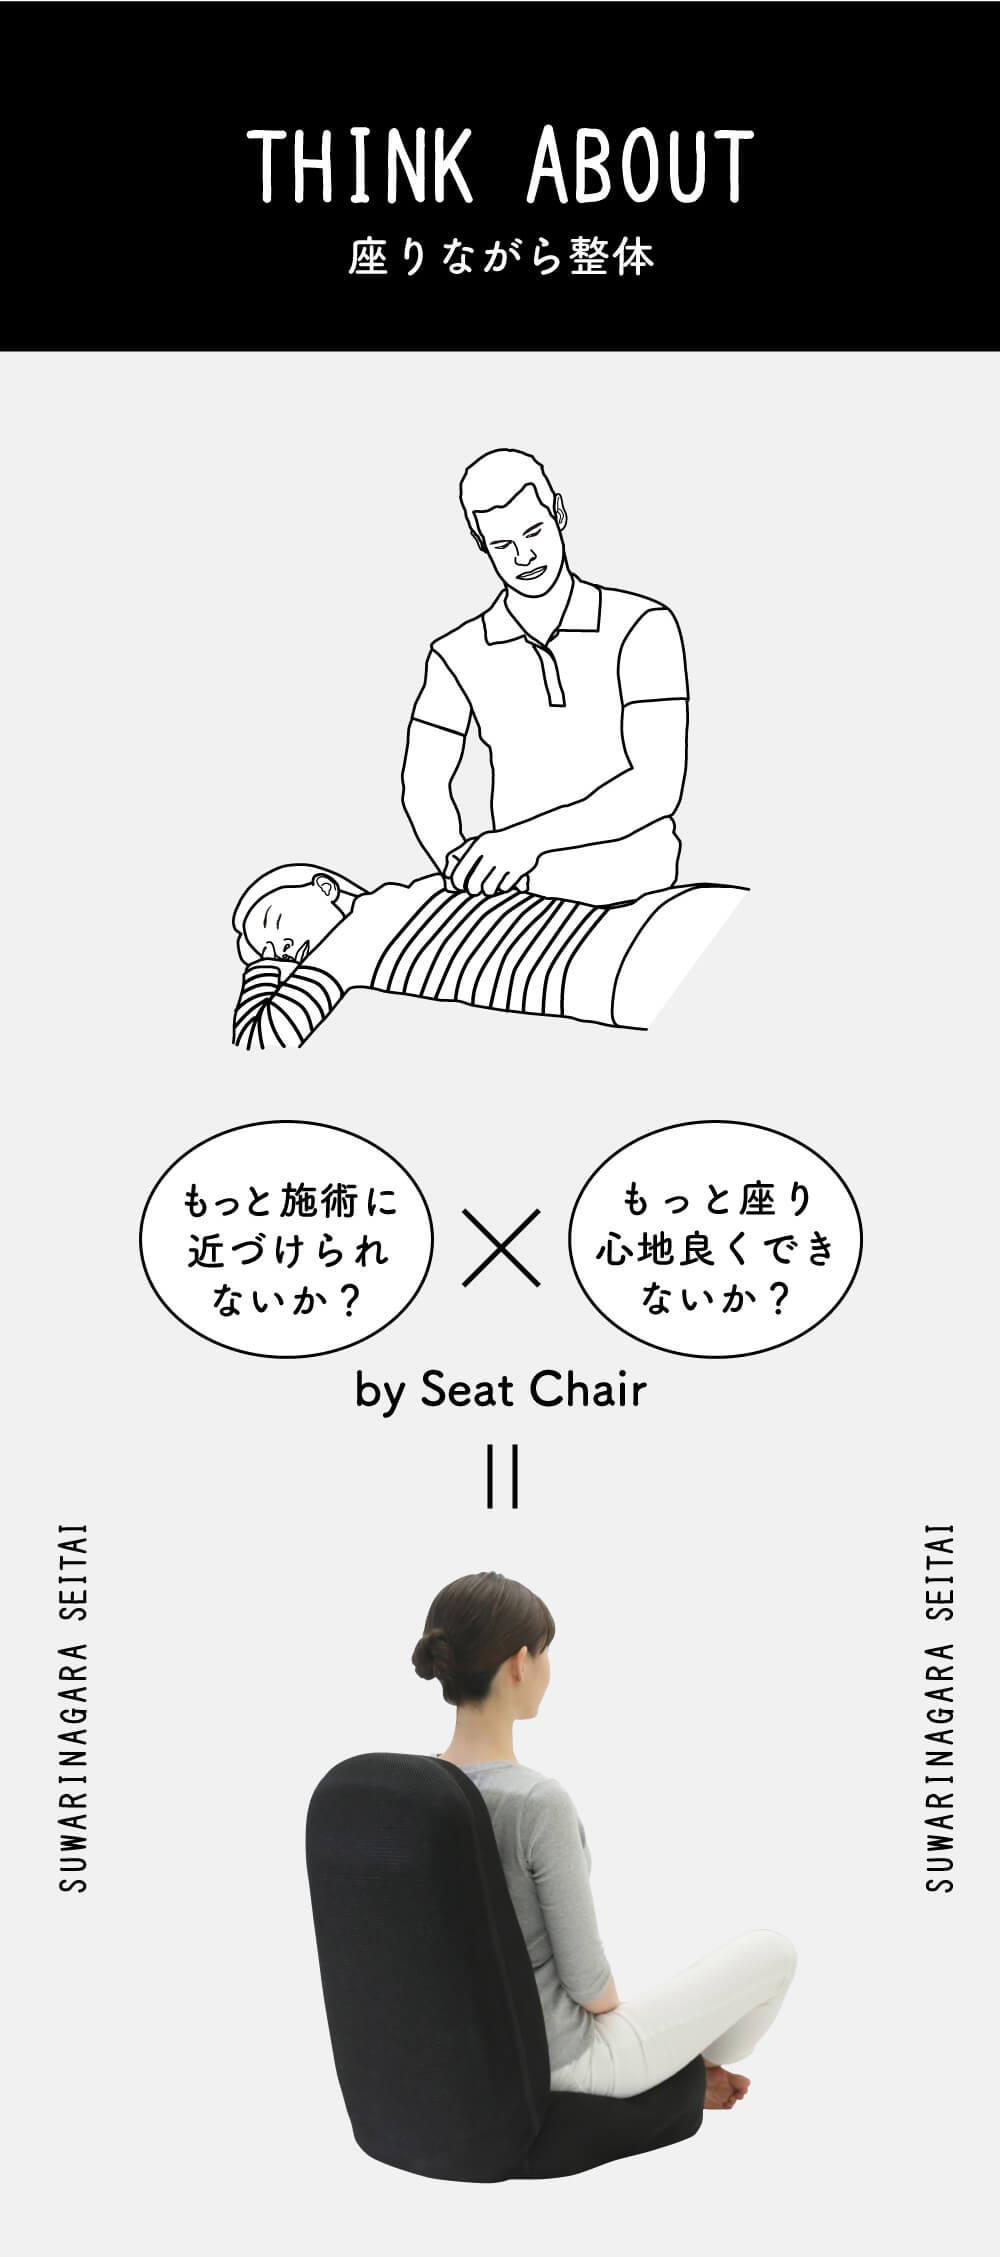 座りながら整体!もっと施術に近づけられないか?もっと座り心地良くできないか?を考え開発された、RAKUNA整体座椅子premium